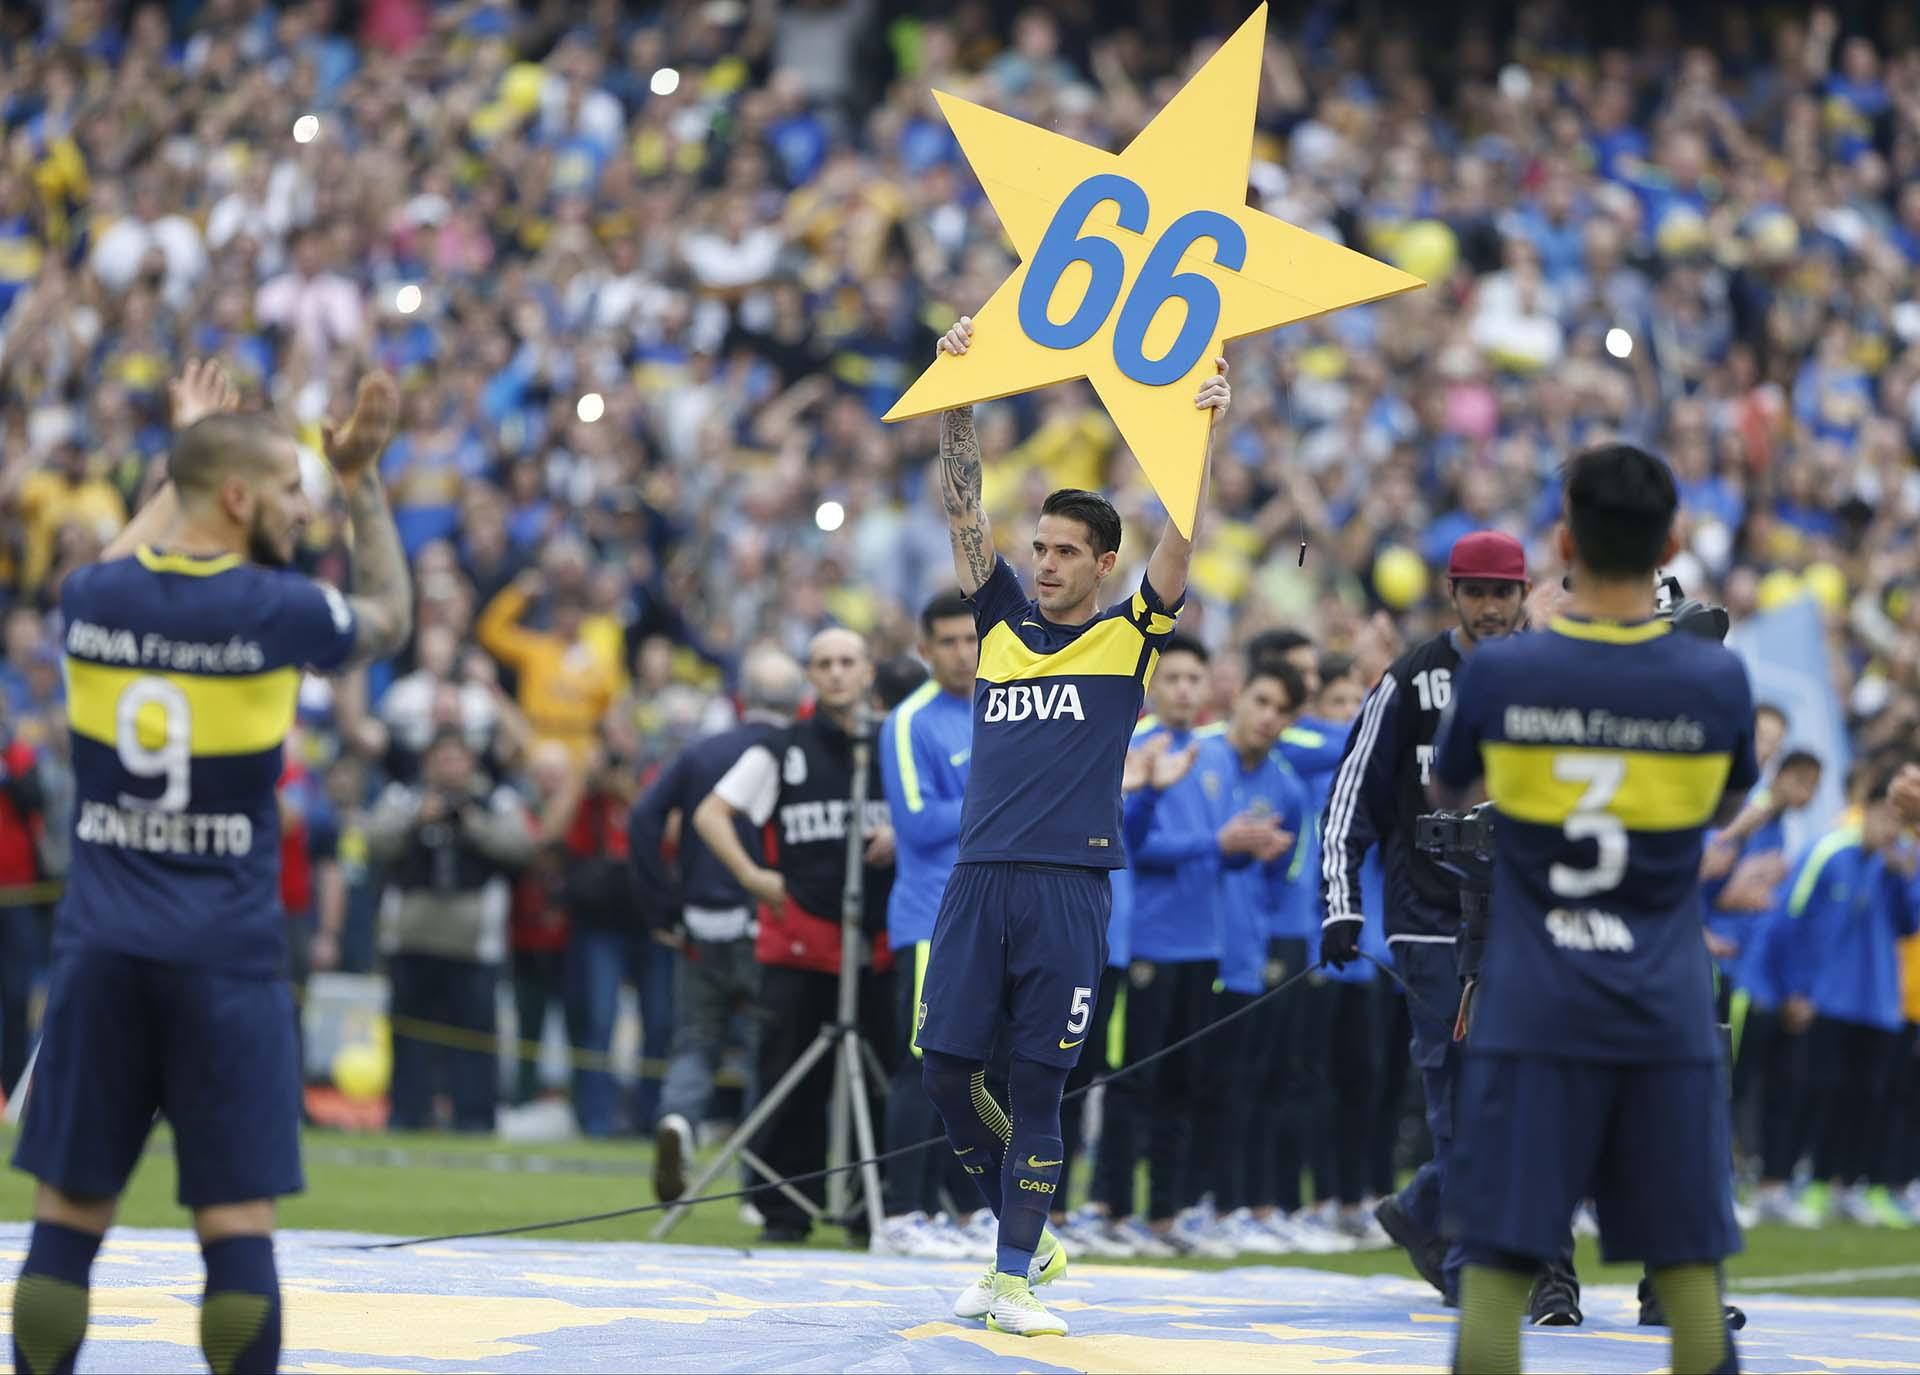 Fernando Gago exhibe la 66° estrella para el club tras la conquista del campeonato 2016/2017 (Foto: Gabriel Rossi/LatinContent/Getty Images)